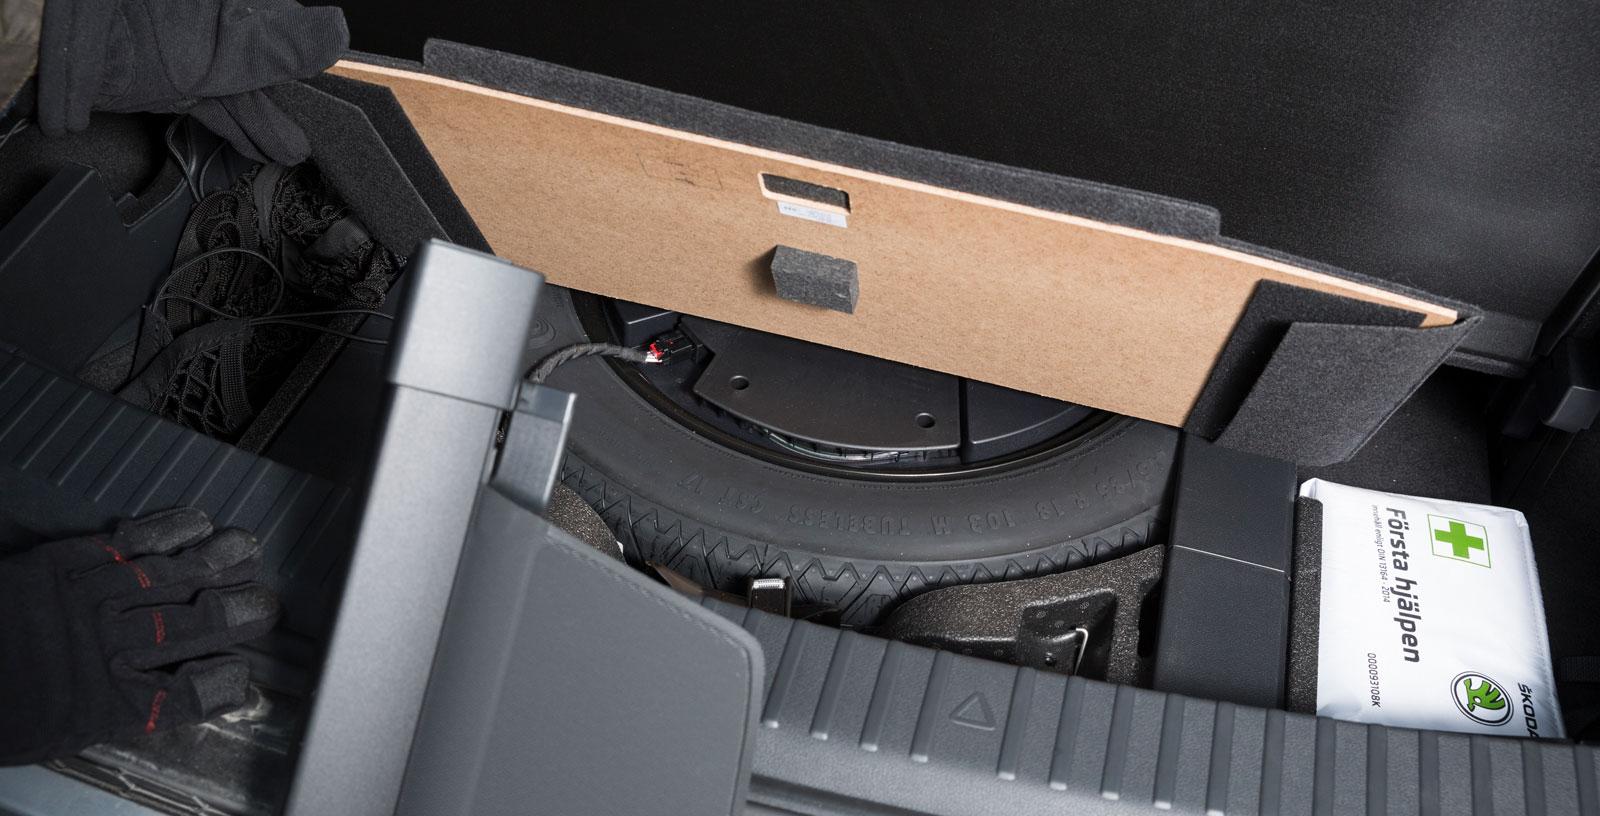 Nödreservhjul under golvet kostar 900 kronor extra för sjusitsig bil. I facket ovanför kan insynsskyddet för bagageutrymmet placeras.